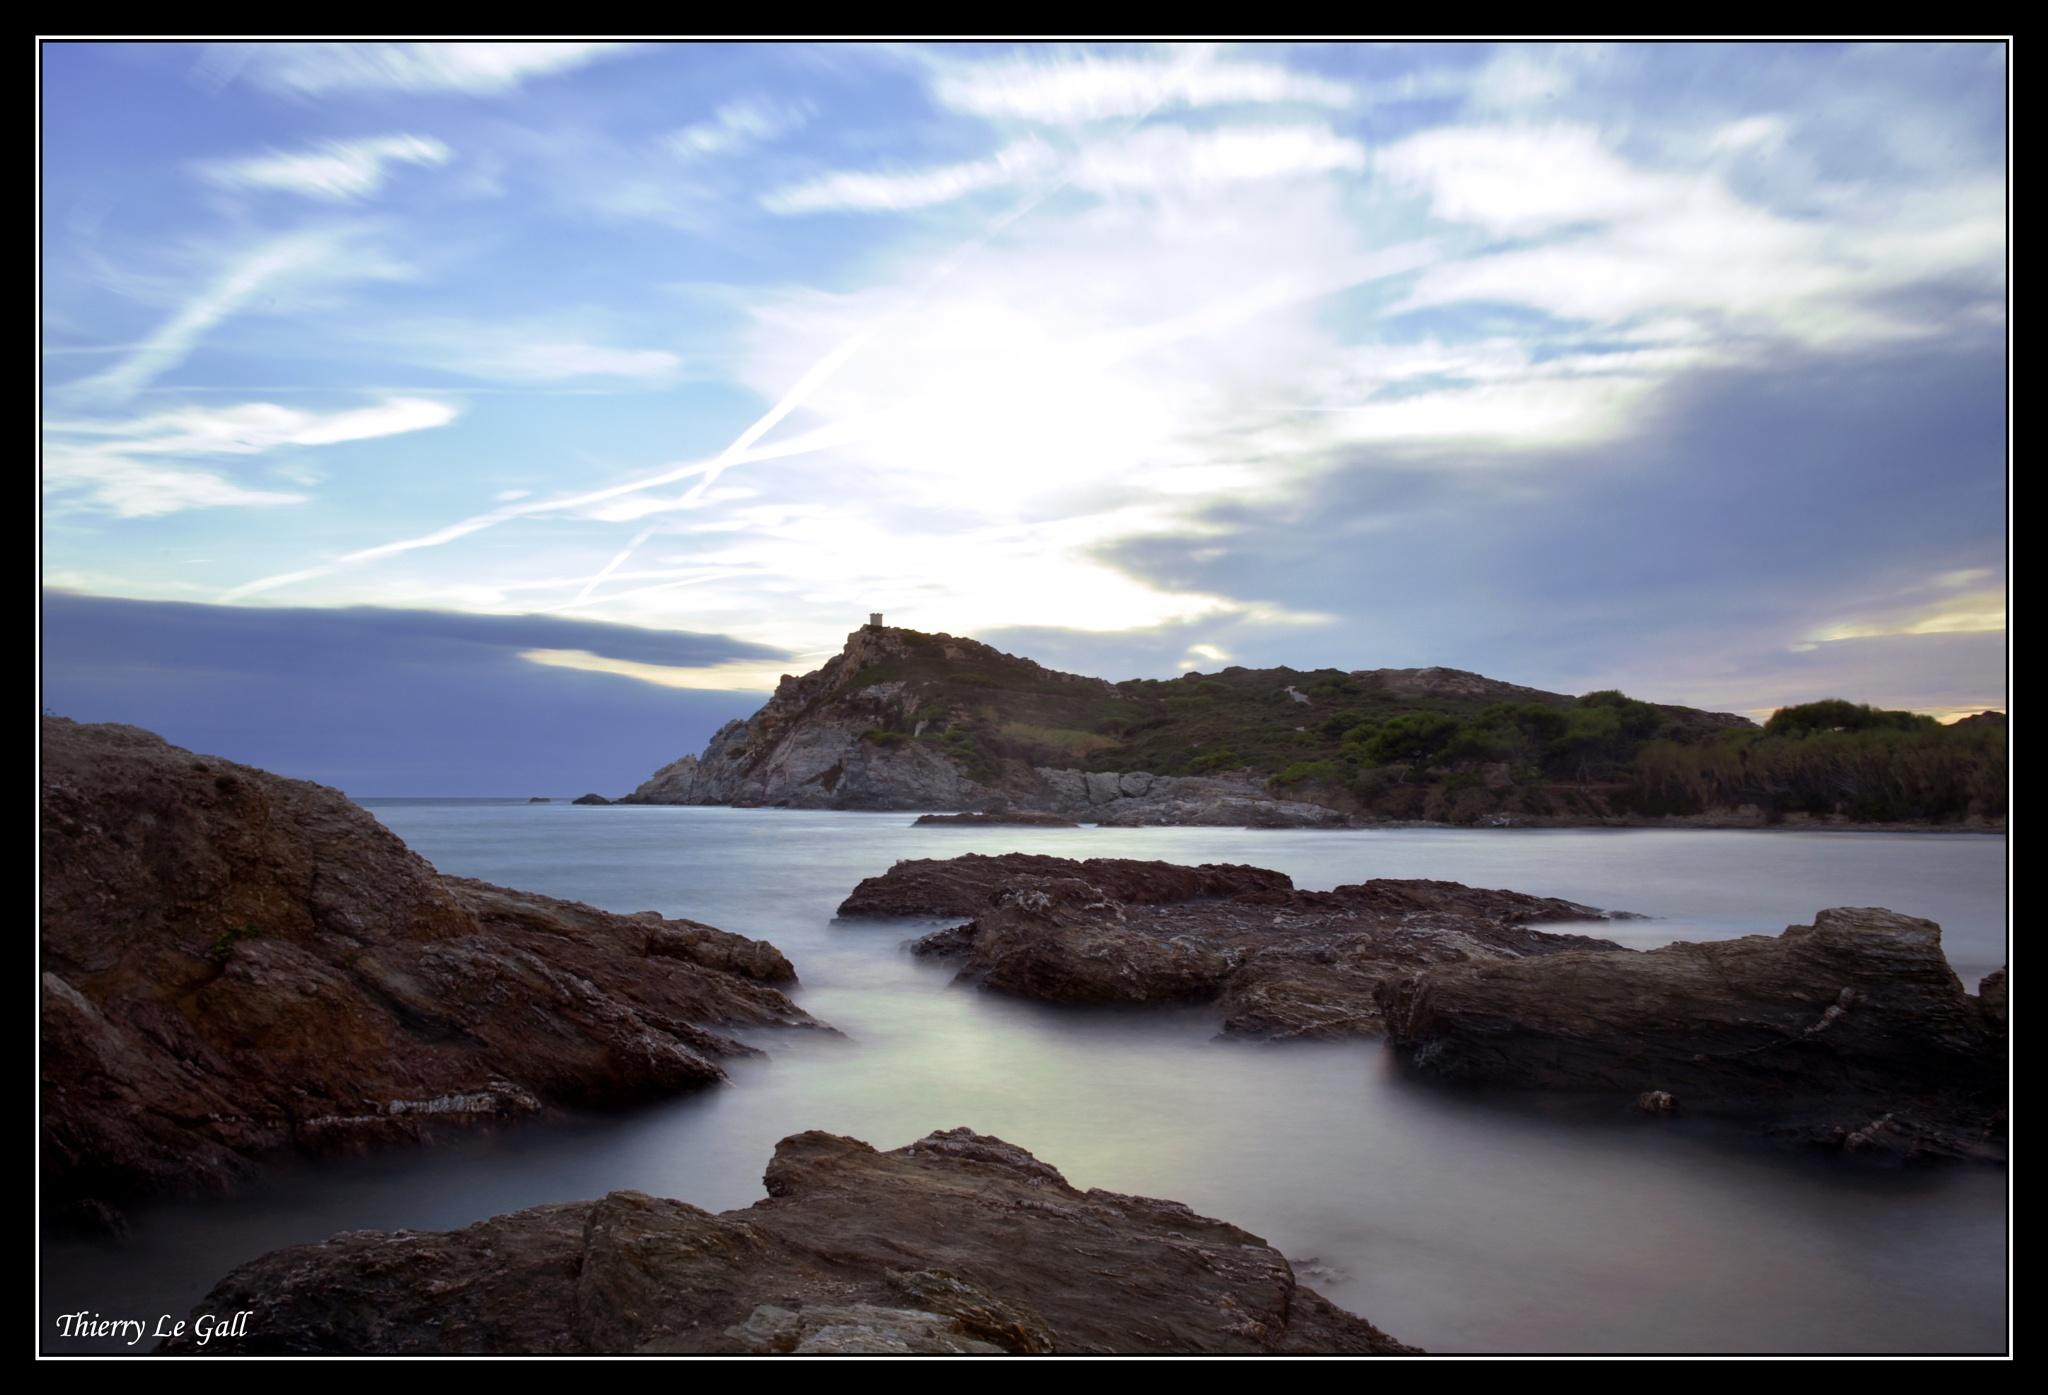 L'île des Embiez  by Thierry Le Gall